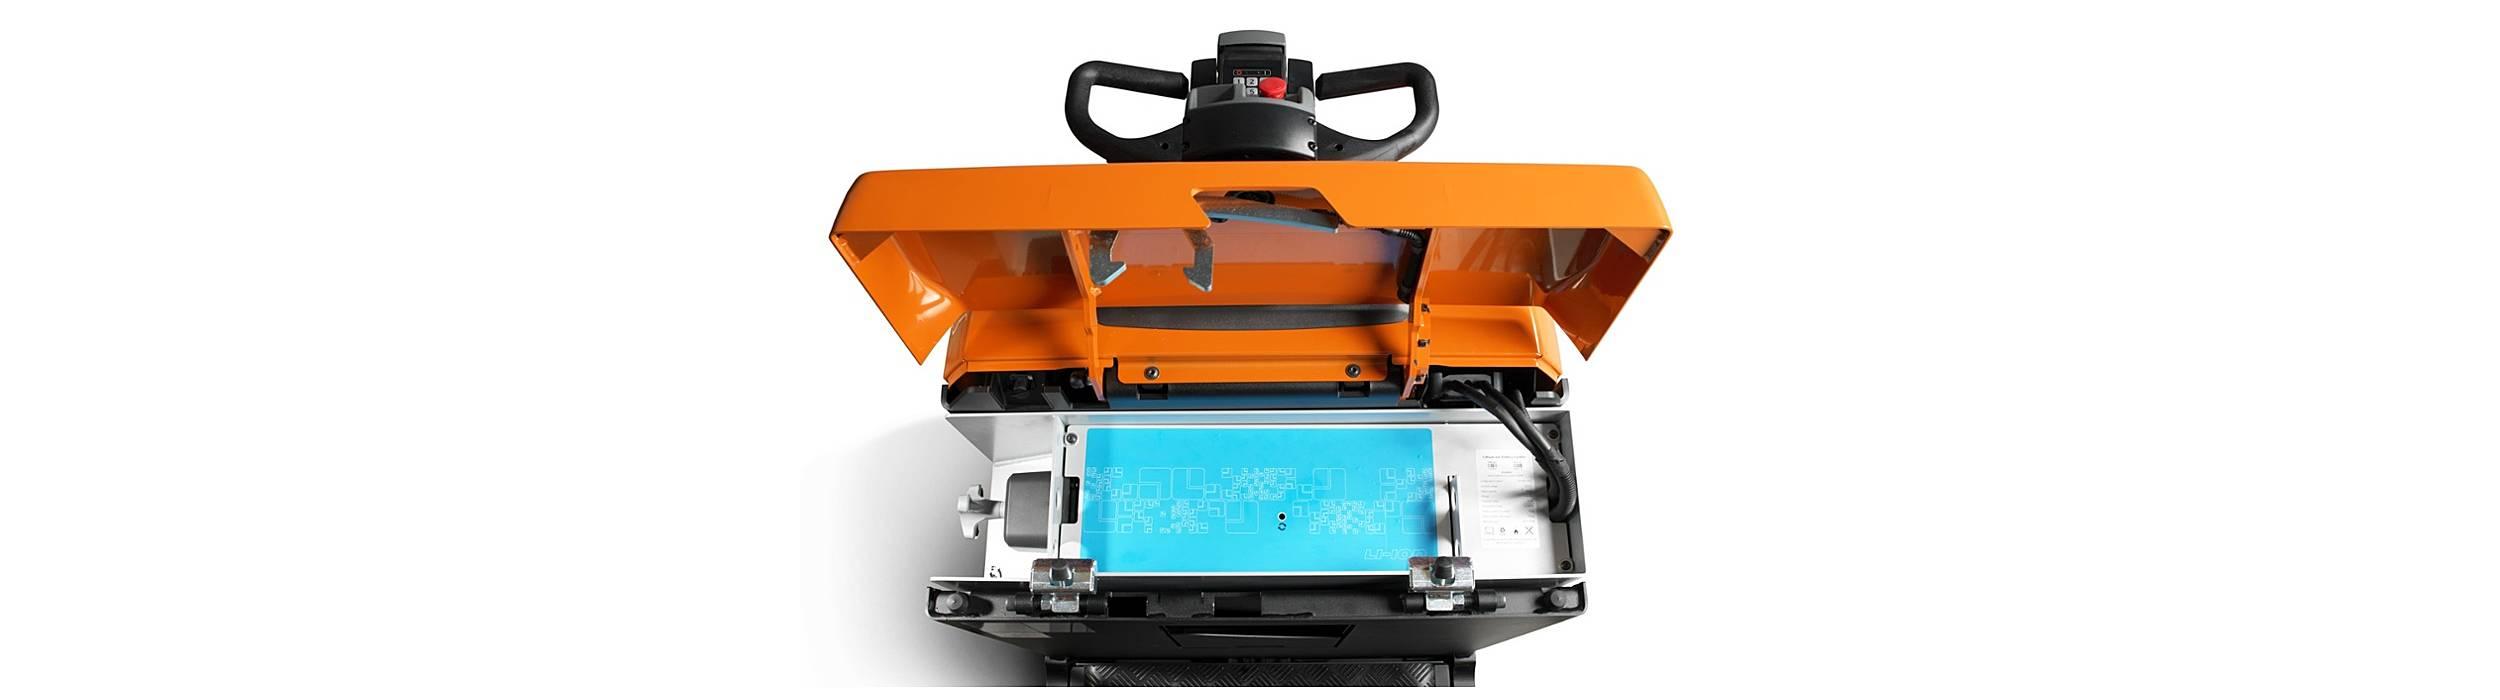 Sistemas de baterías de iones de litio de Toyota